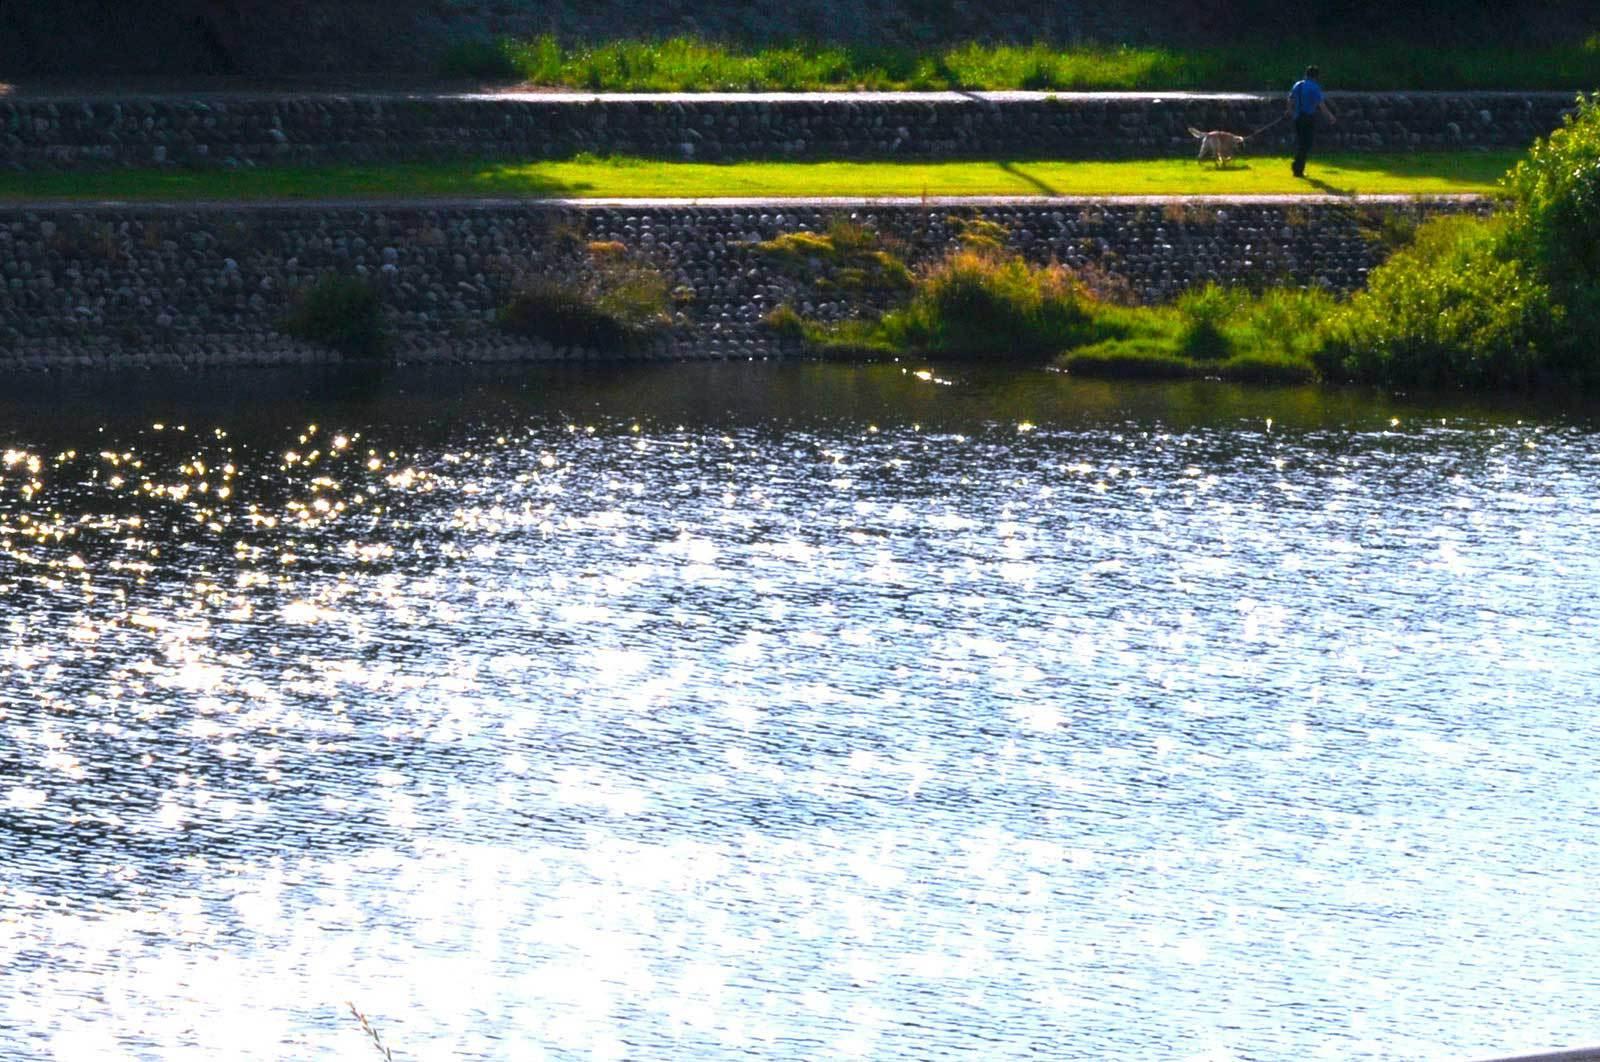 選べて嬉しい・・夕食 【和(なごみ) 会席 】&犀川を眺めながら・・自慢の朝食を・・・♪